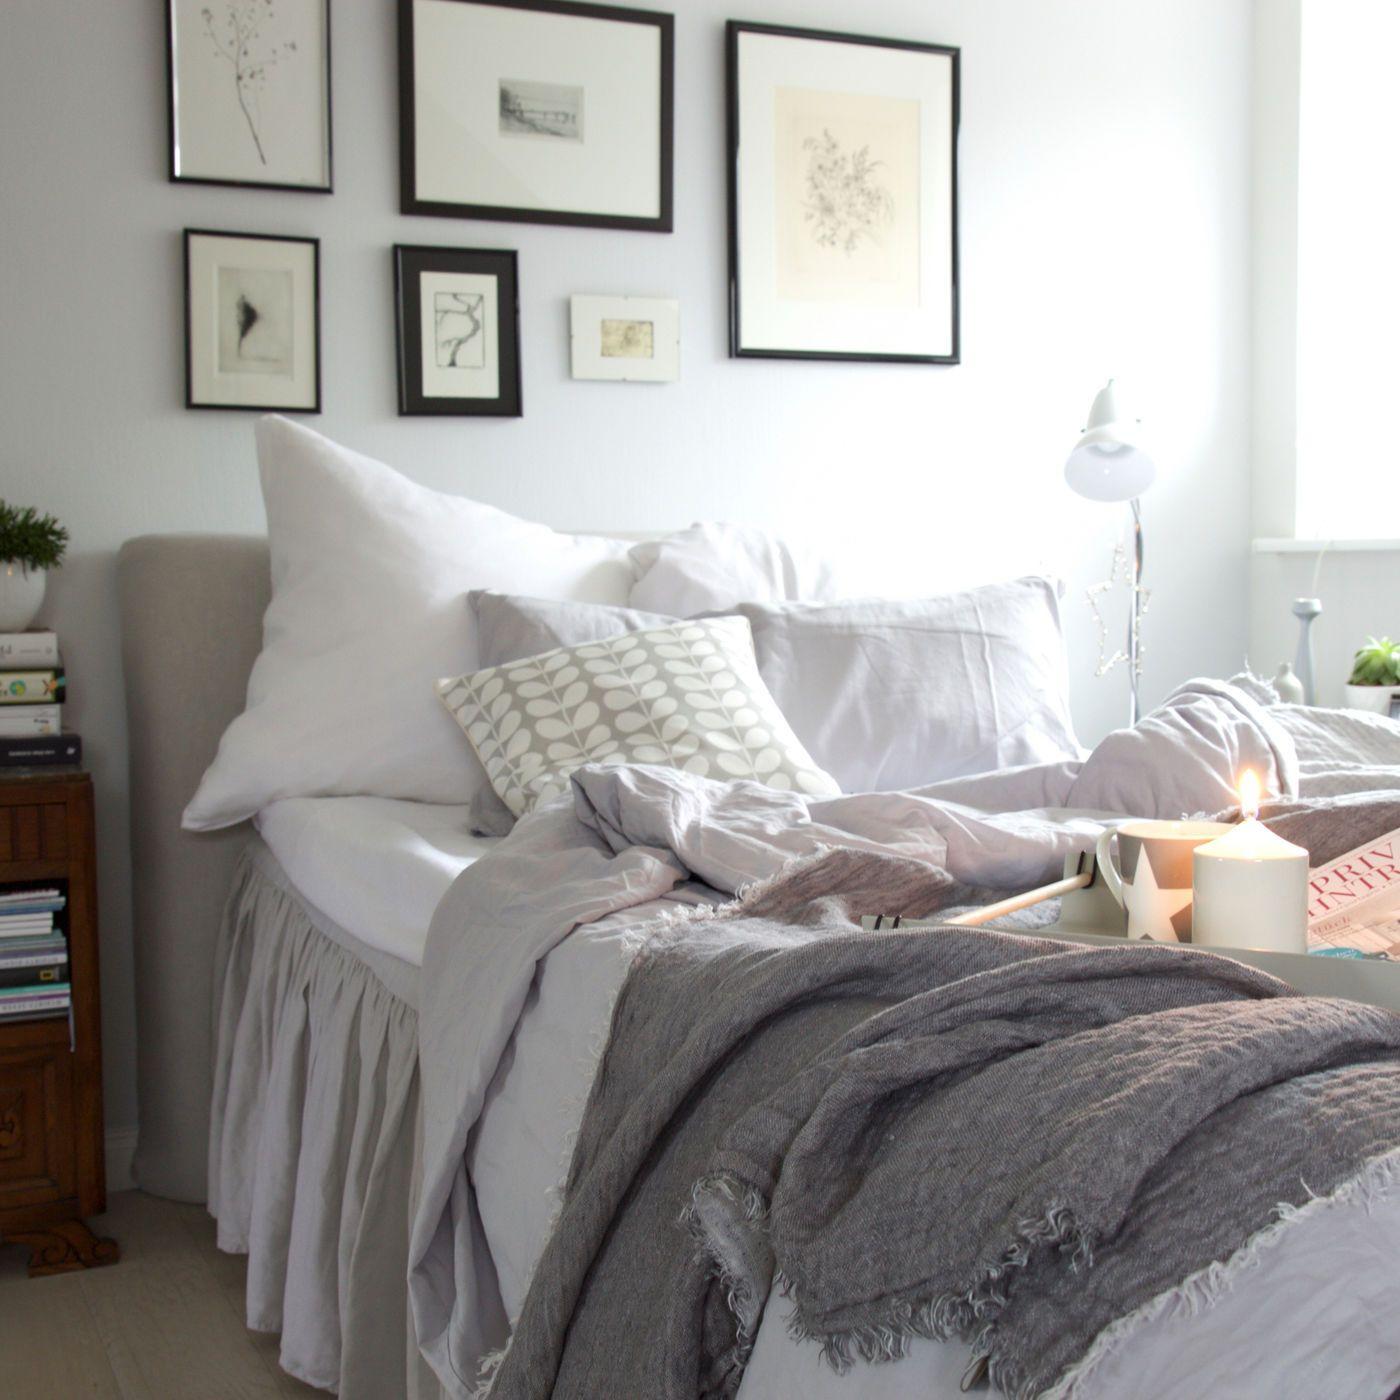 Brauntöne Machen Das Schlafzimmer Gemütlich: Schlafzimmer: Ideen Zum Einrichten & Gestalten